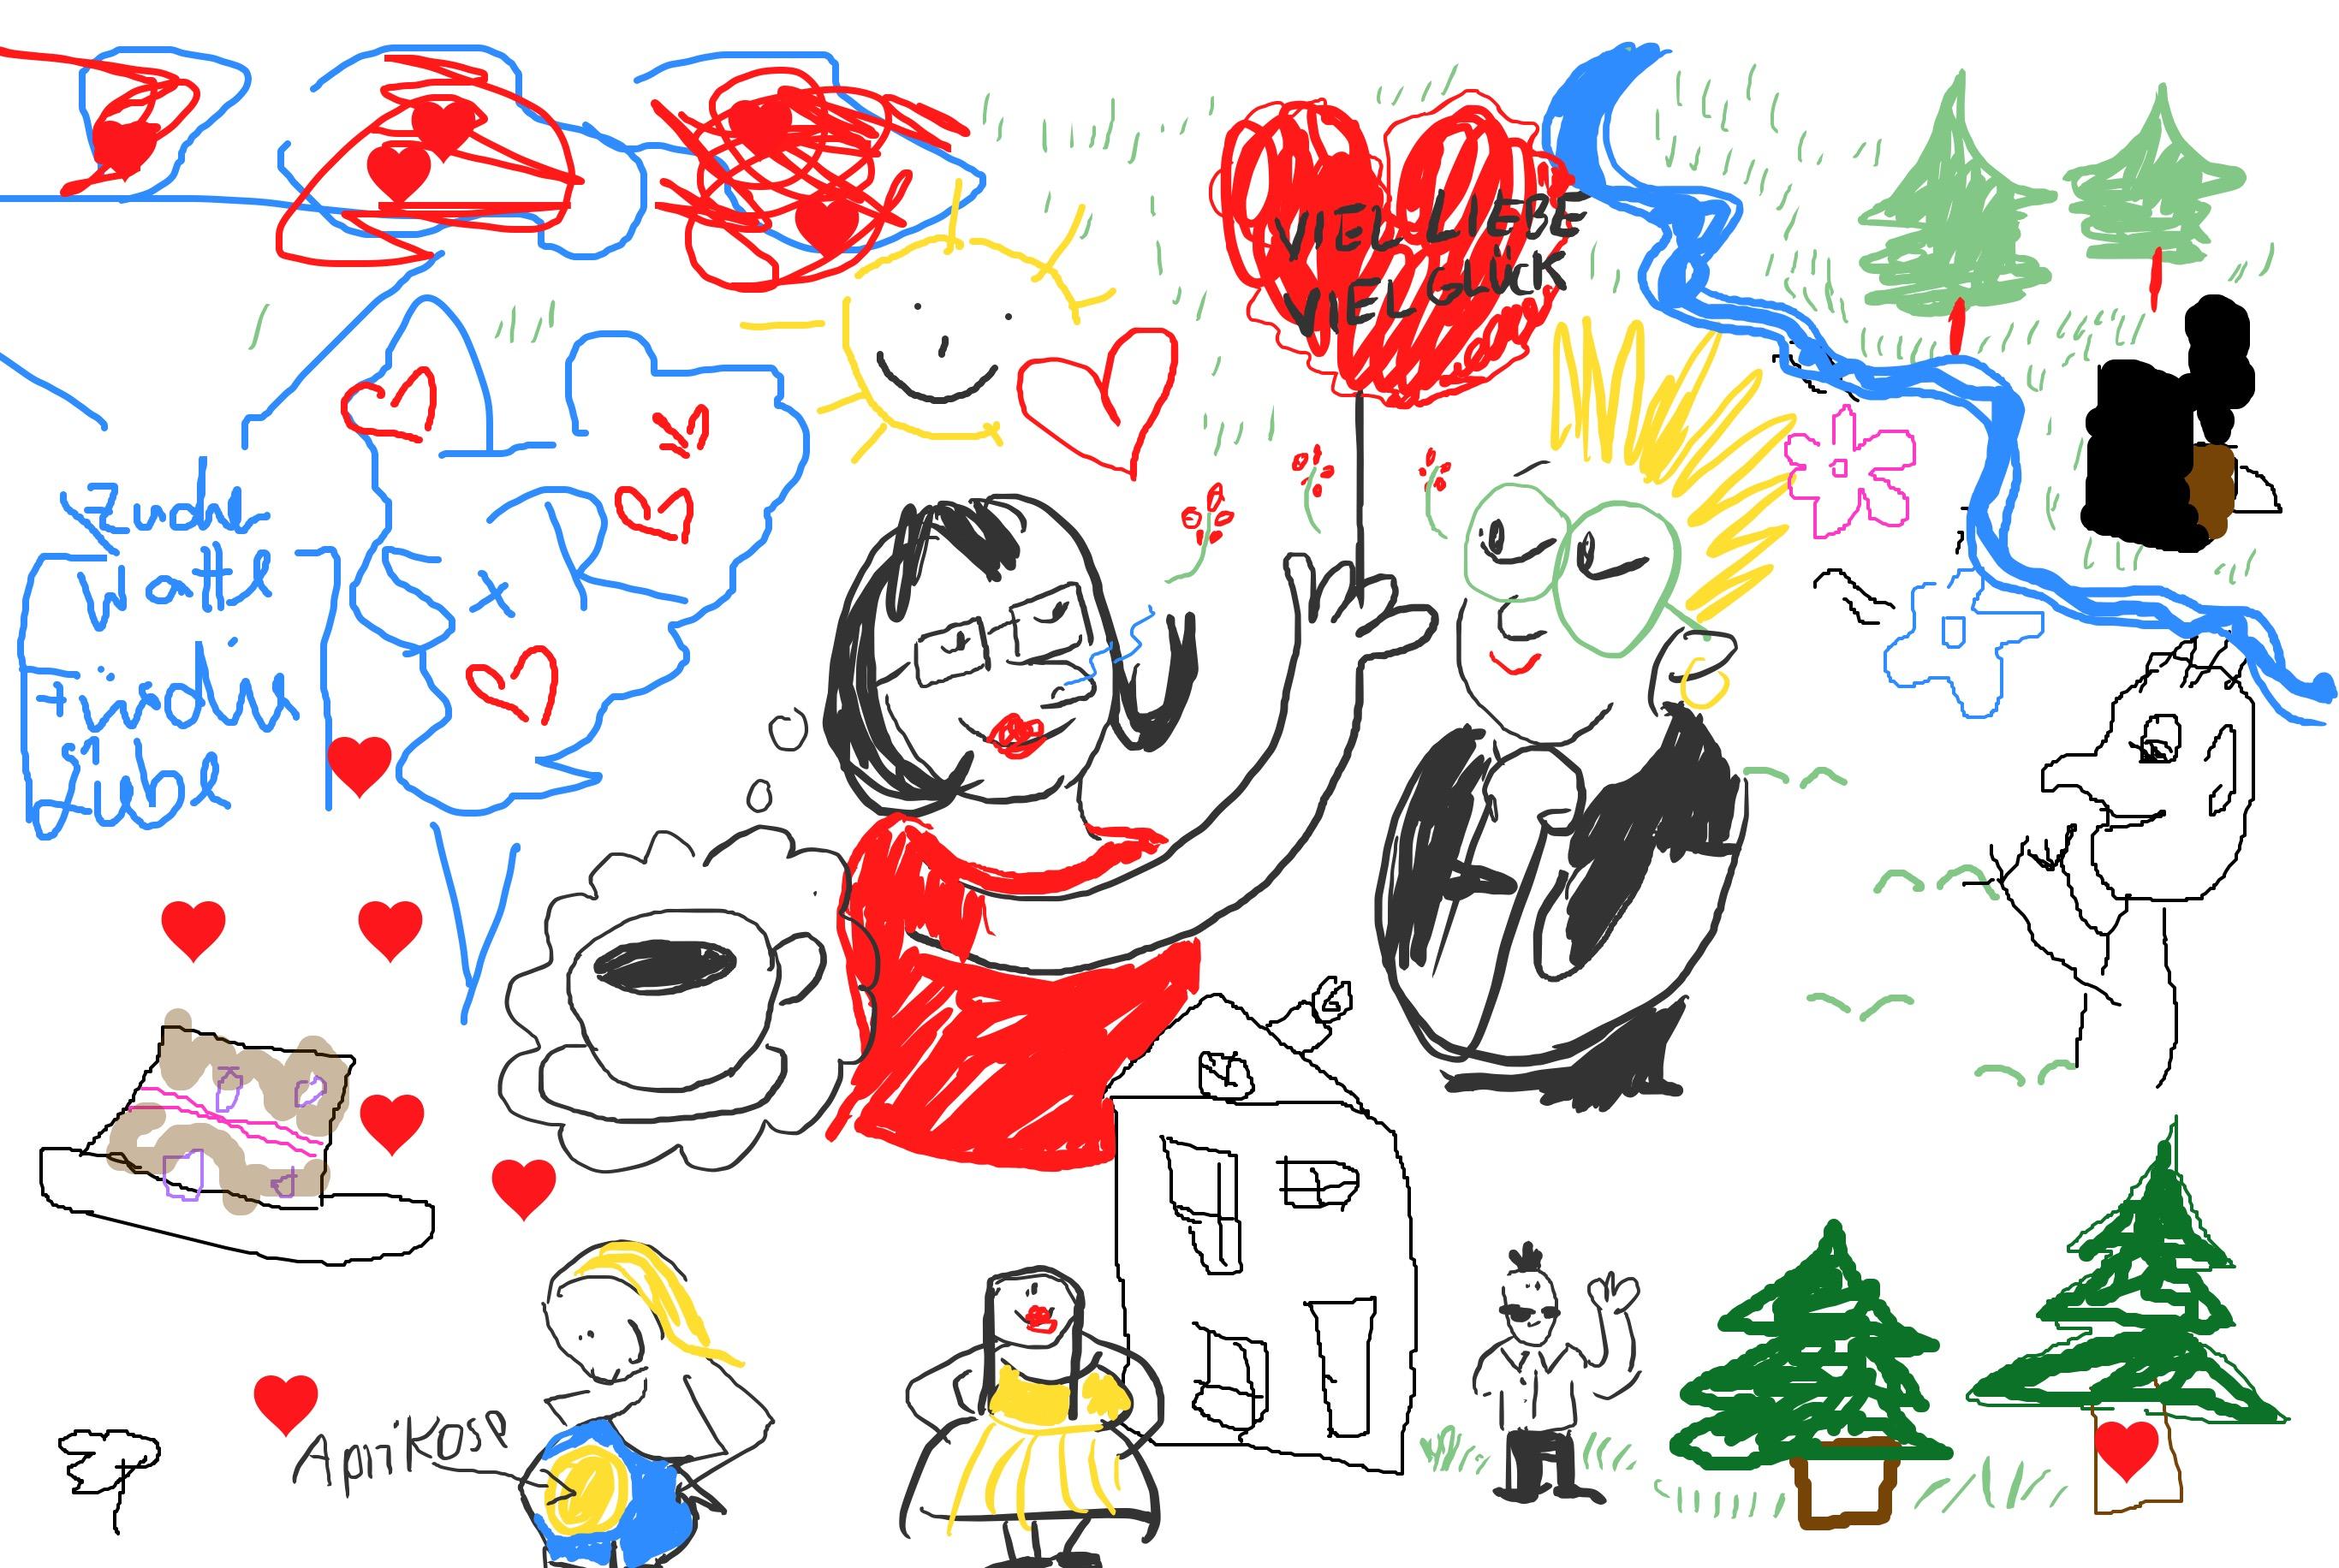 Gemaltes buntes Bild mit Liebesbotschaften mit roten Herzen, Pärchen, Bäumen, Fluss und Haus.